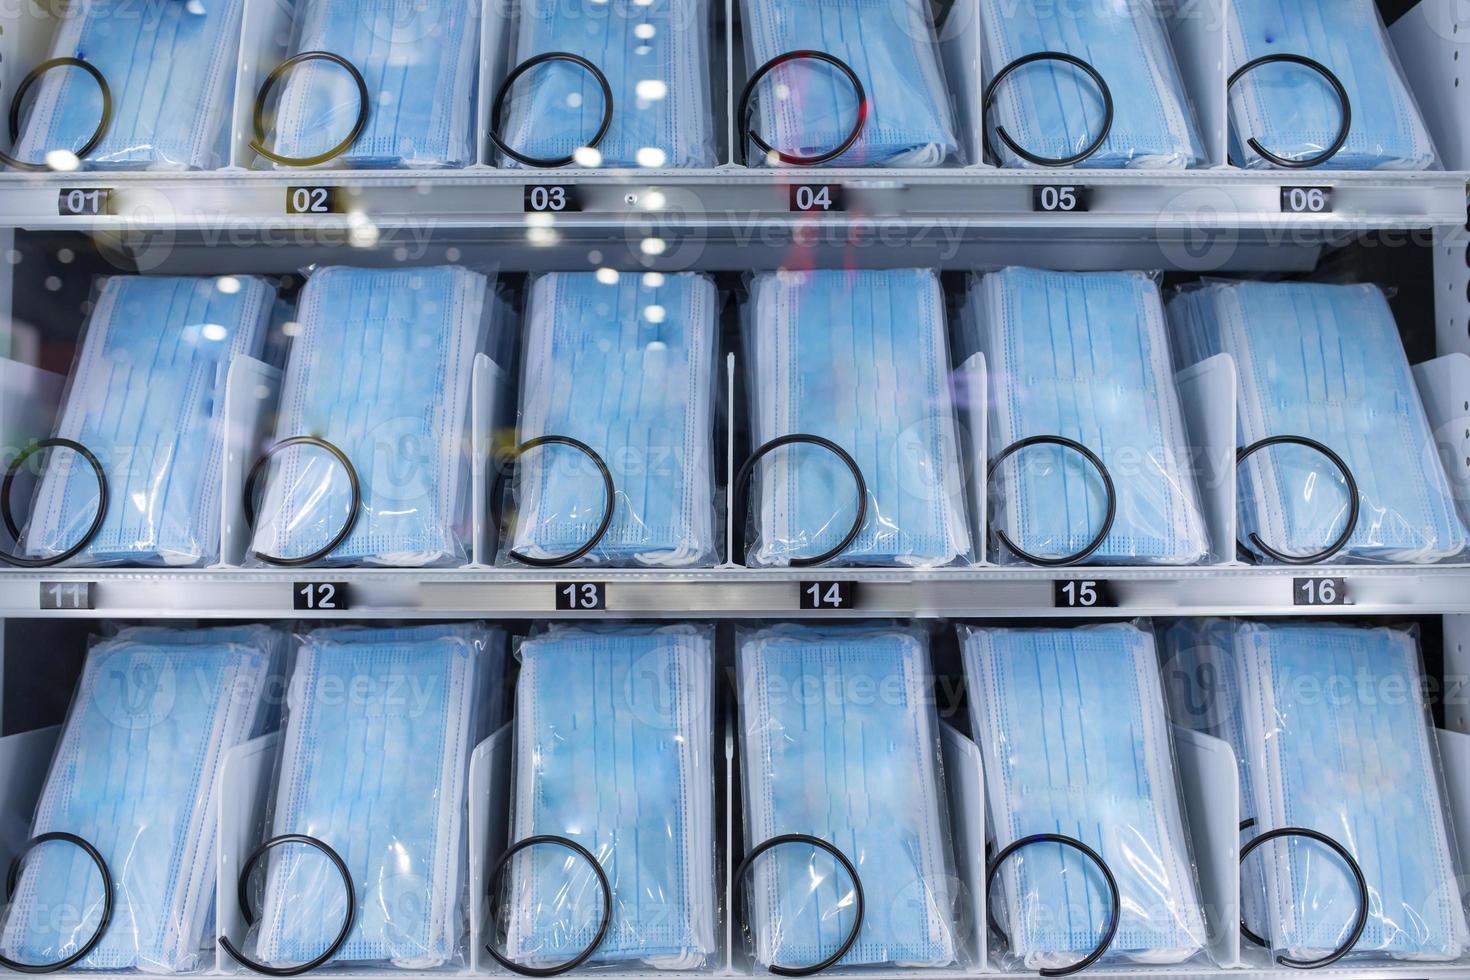 máscaras faciais em um dispensador que funciona com moedas foto